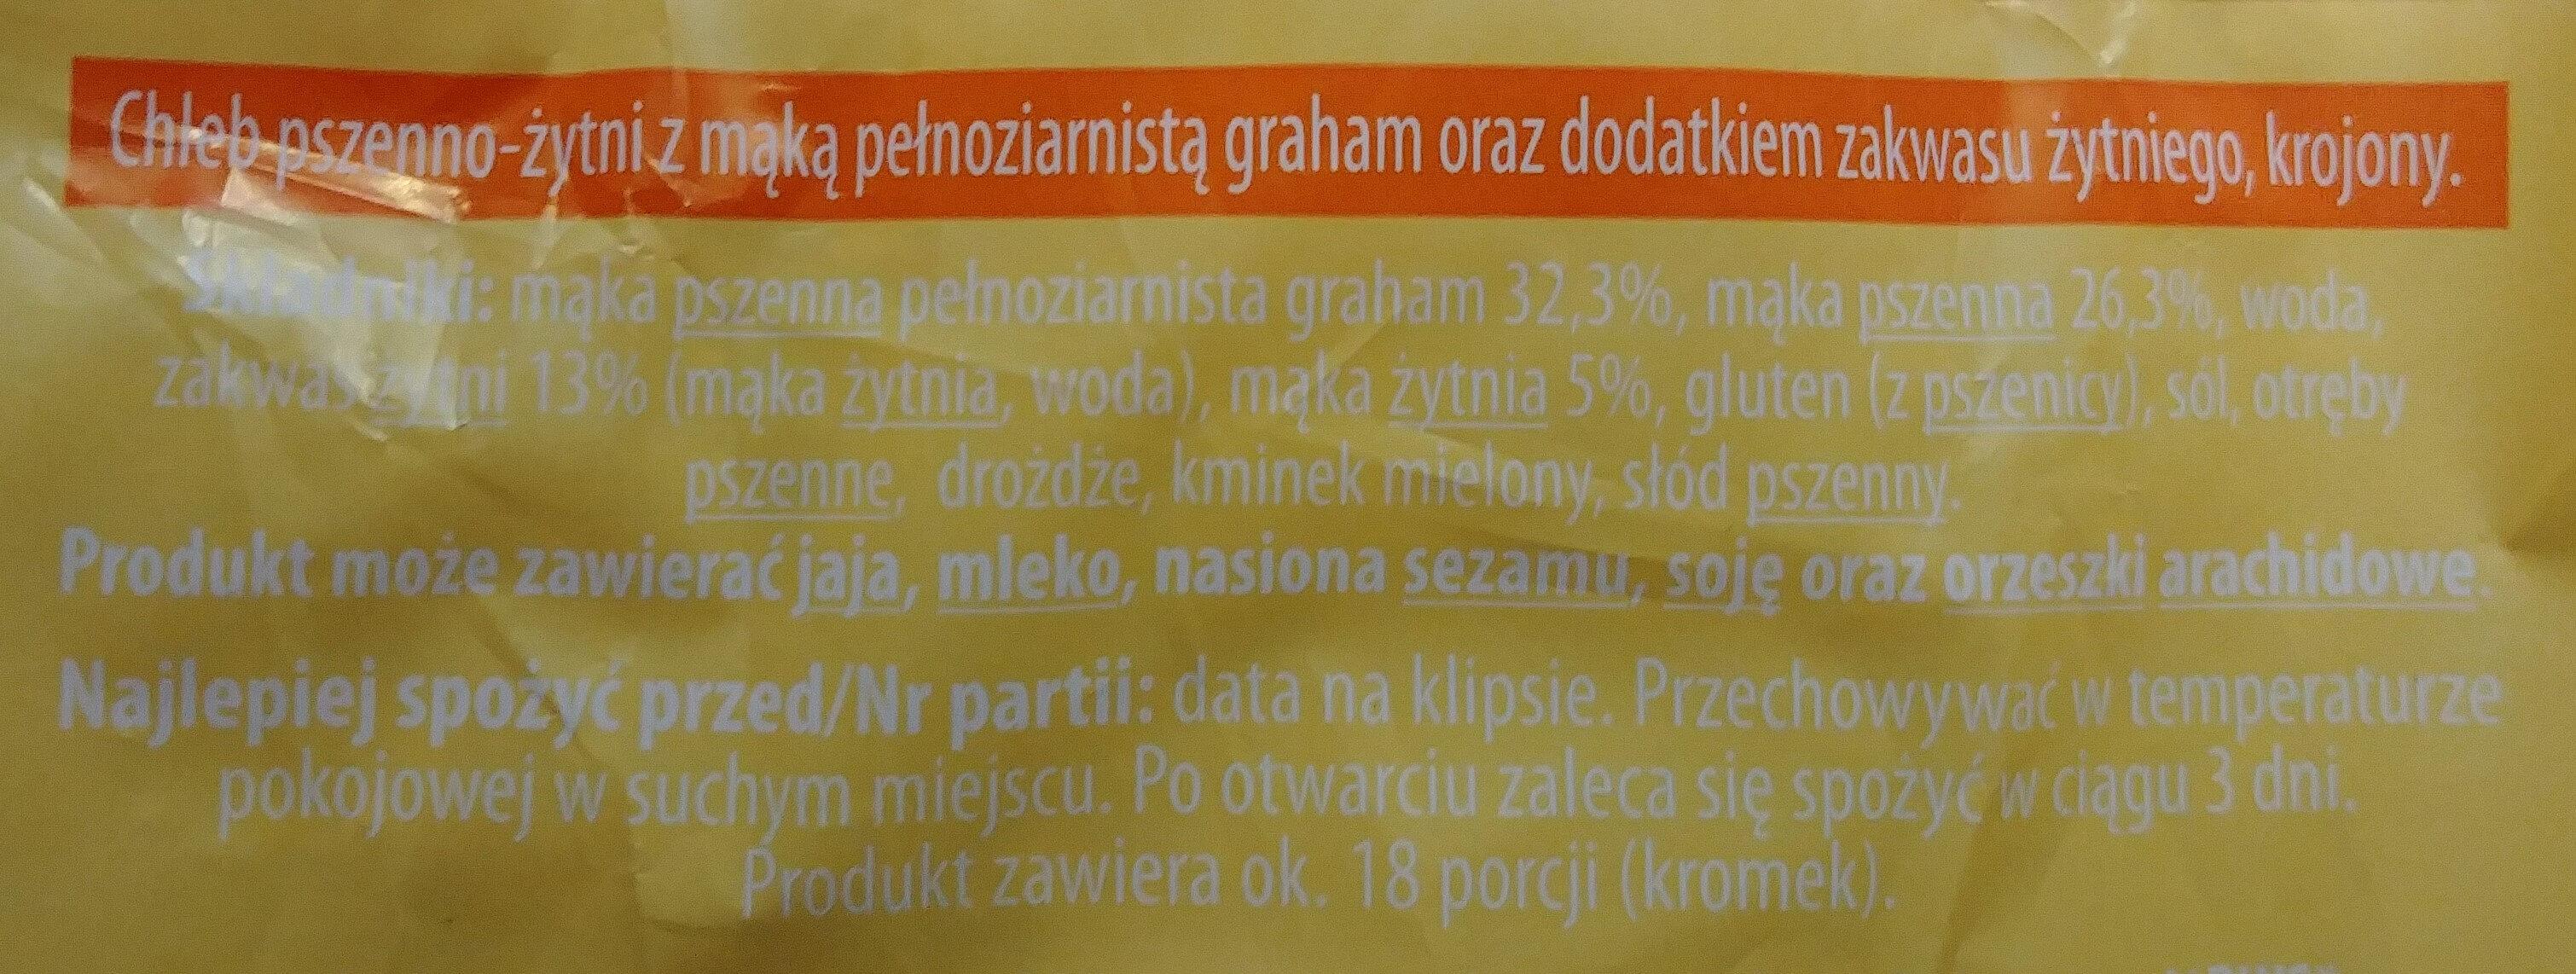 Chleb-pszenno-żytni z mąką pełnoziarnistą graham oraz dodatkiem zakwasu żytniego, krojony. - Ingrédients - pl